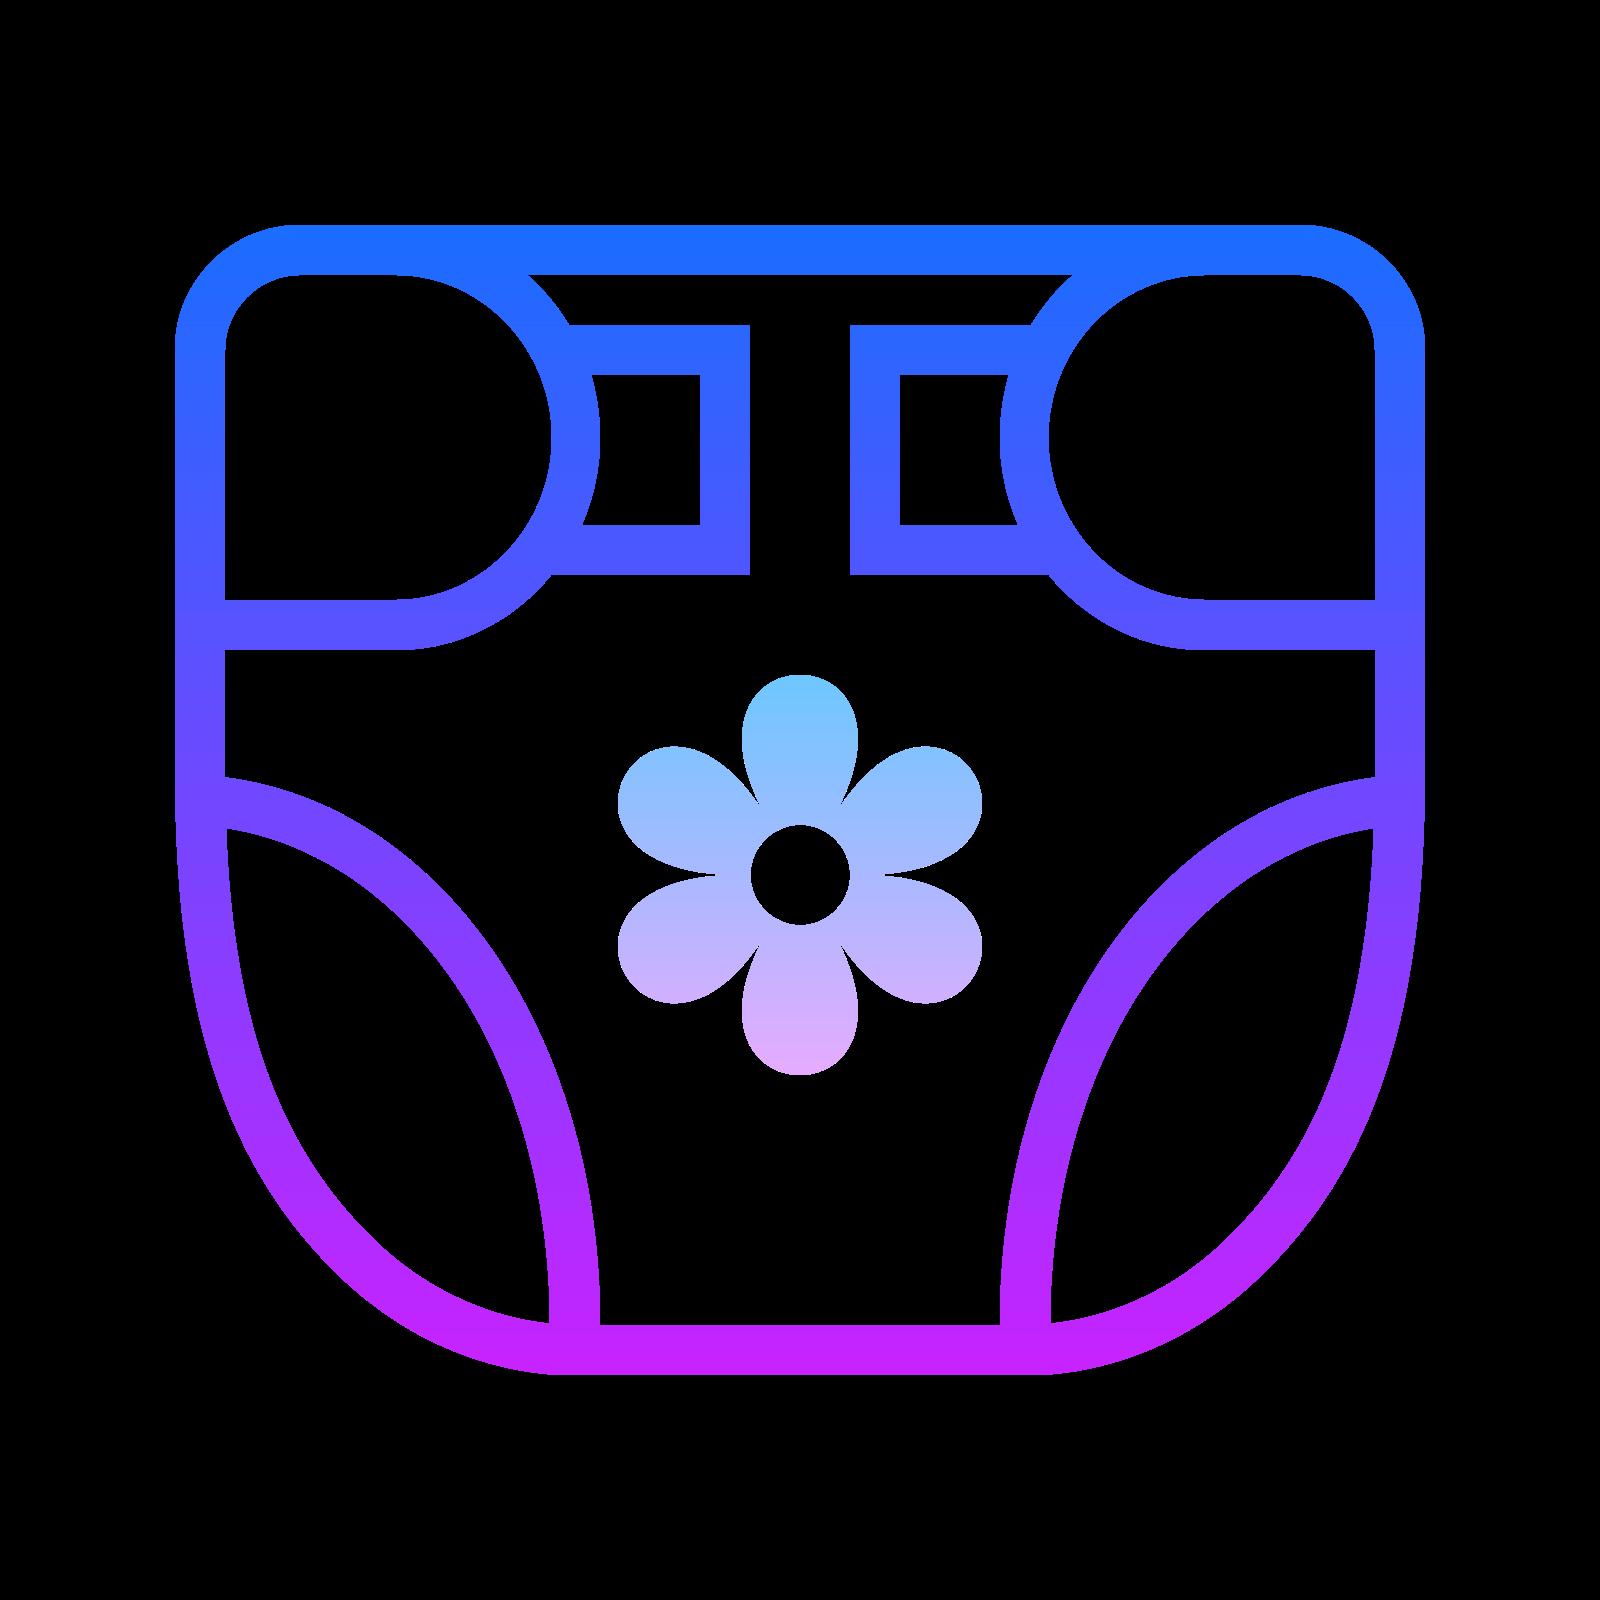 Pieluszka icon